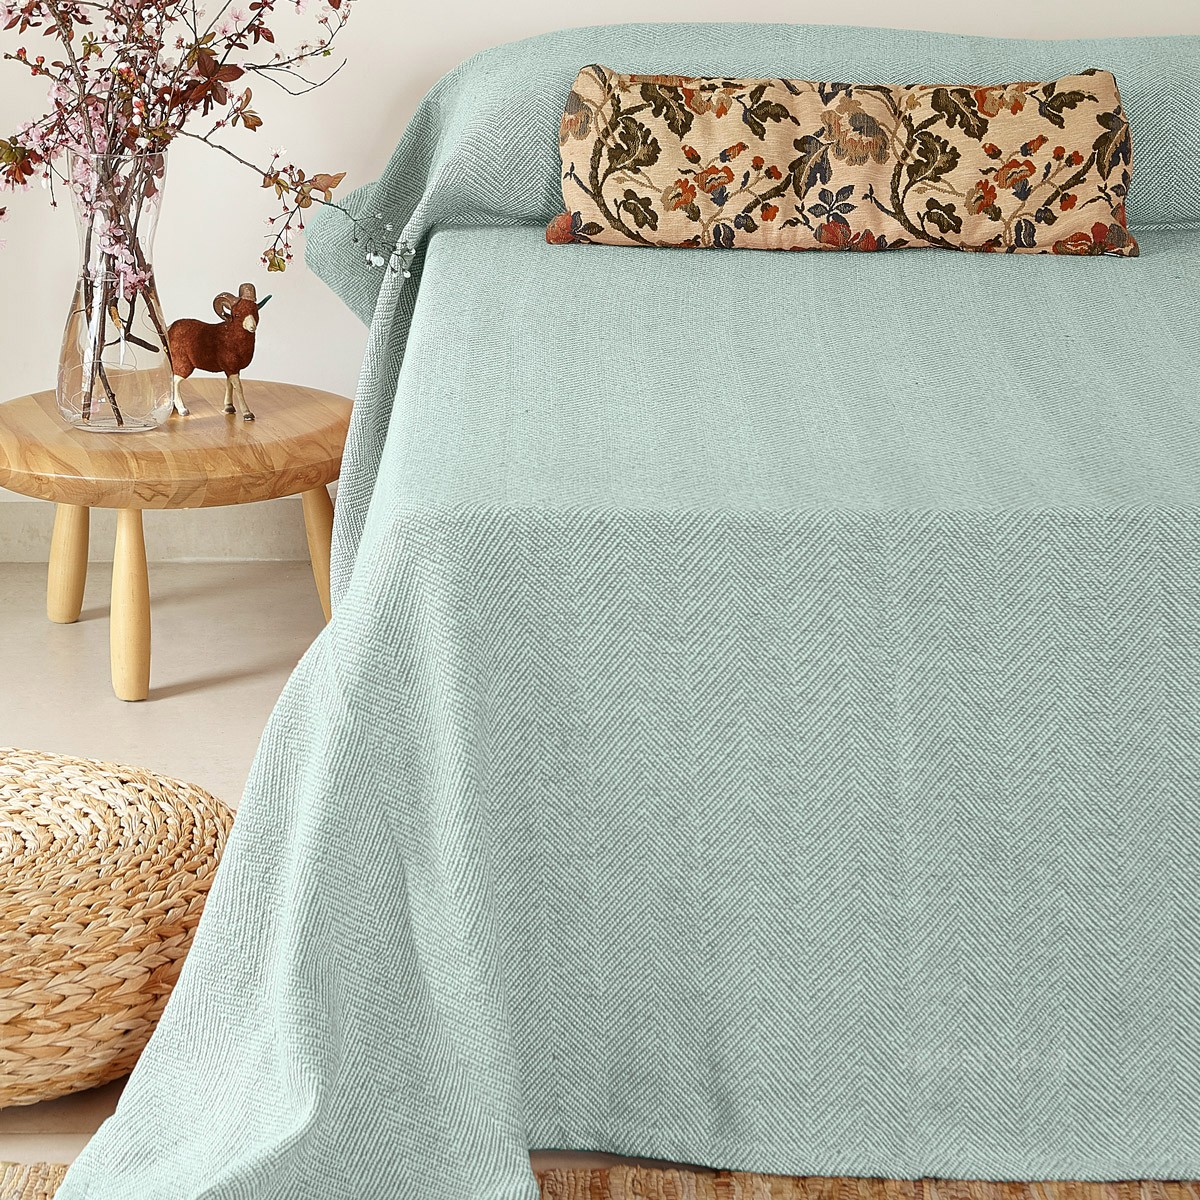 Κουβερτόριο Υπέρδιπλο Melinen Chevron Aqua home   κρεβατοκάμαρα   κουβέρτες   κουβέρτες καλοκαιρινές υπέρδιπλες